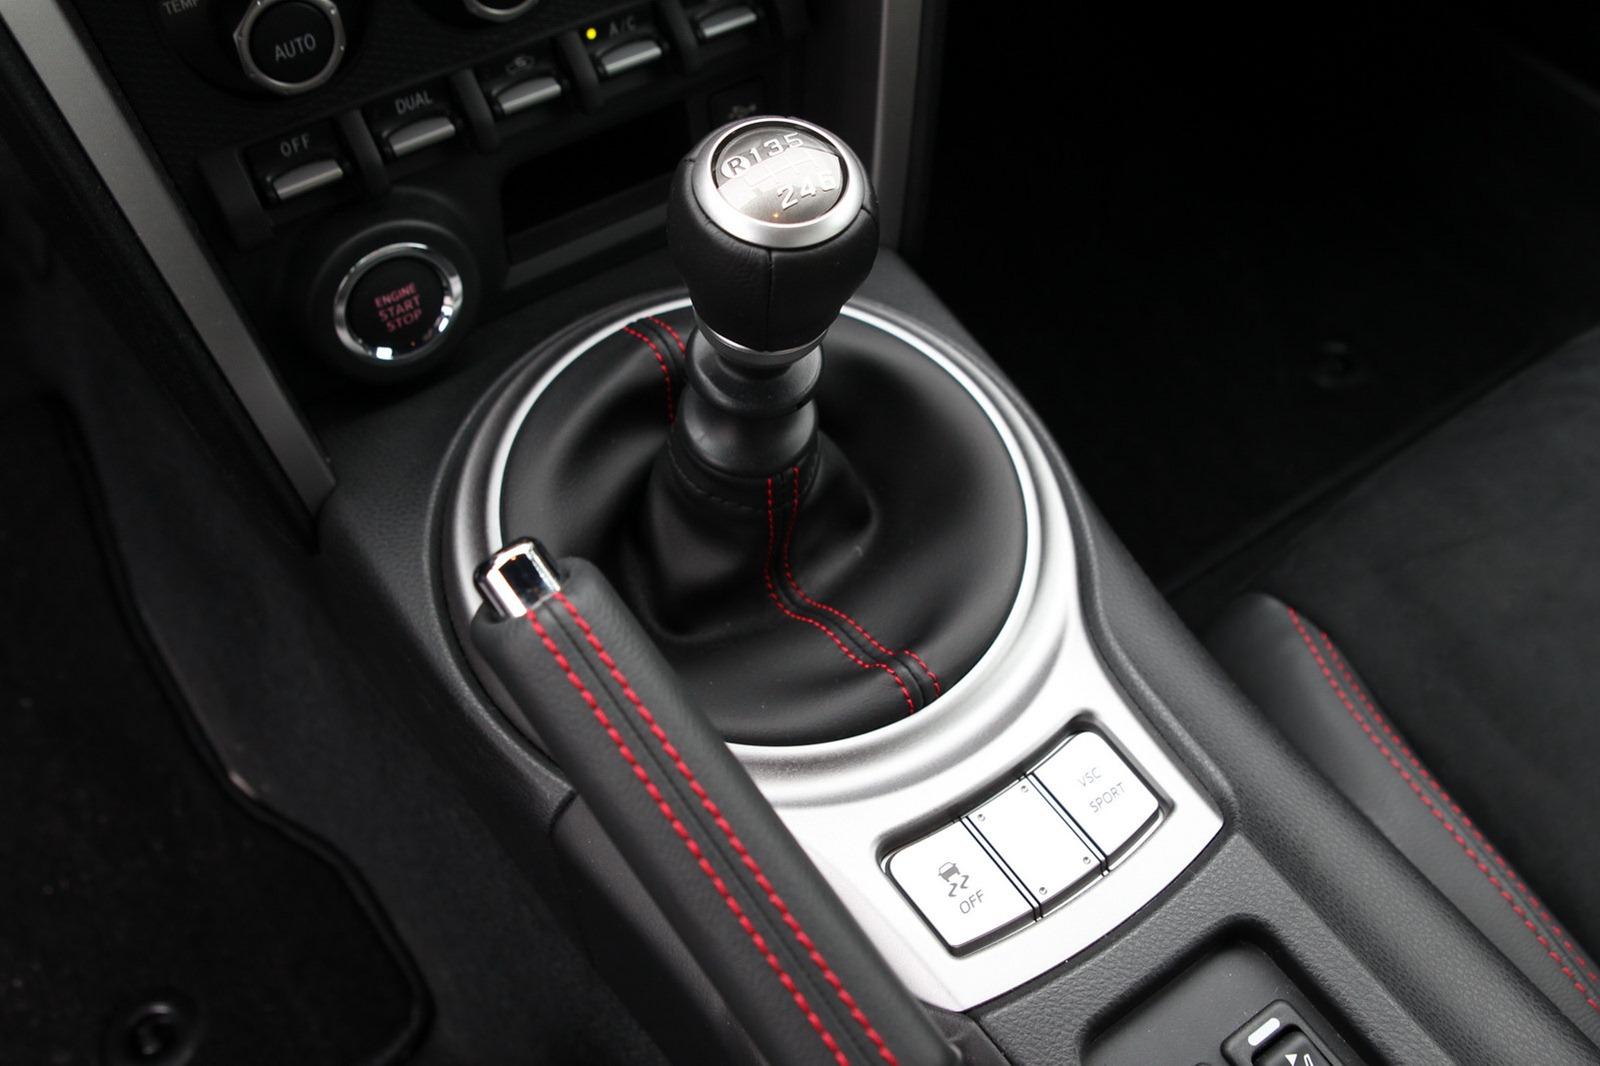 2013-Subaru-BRZ-Coupe-Interior-3.jpg?imgmax=1800